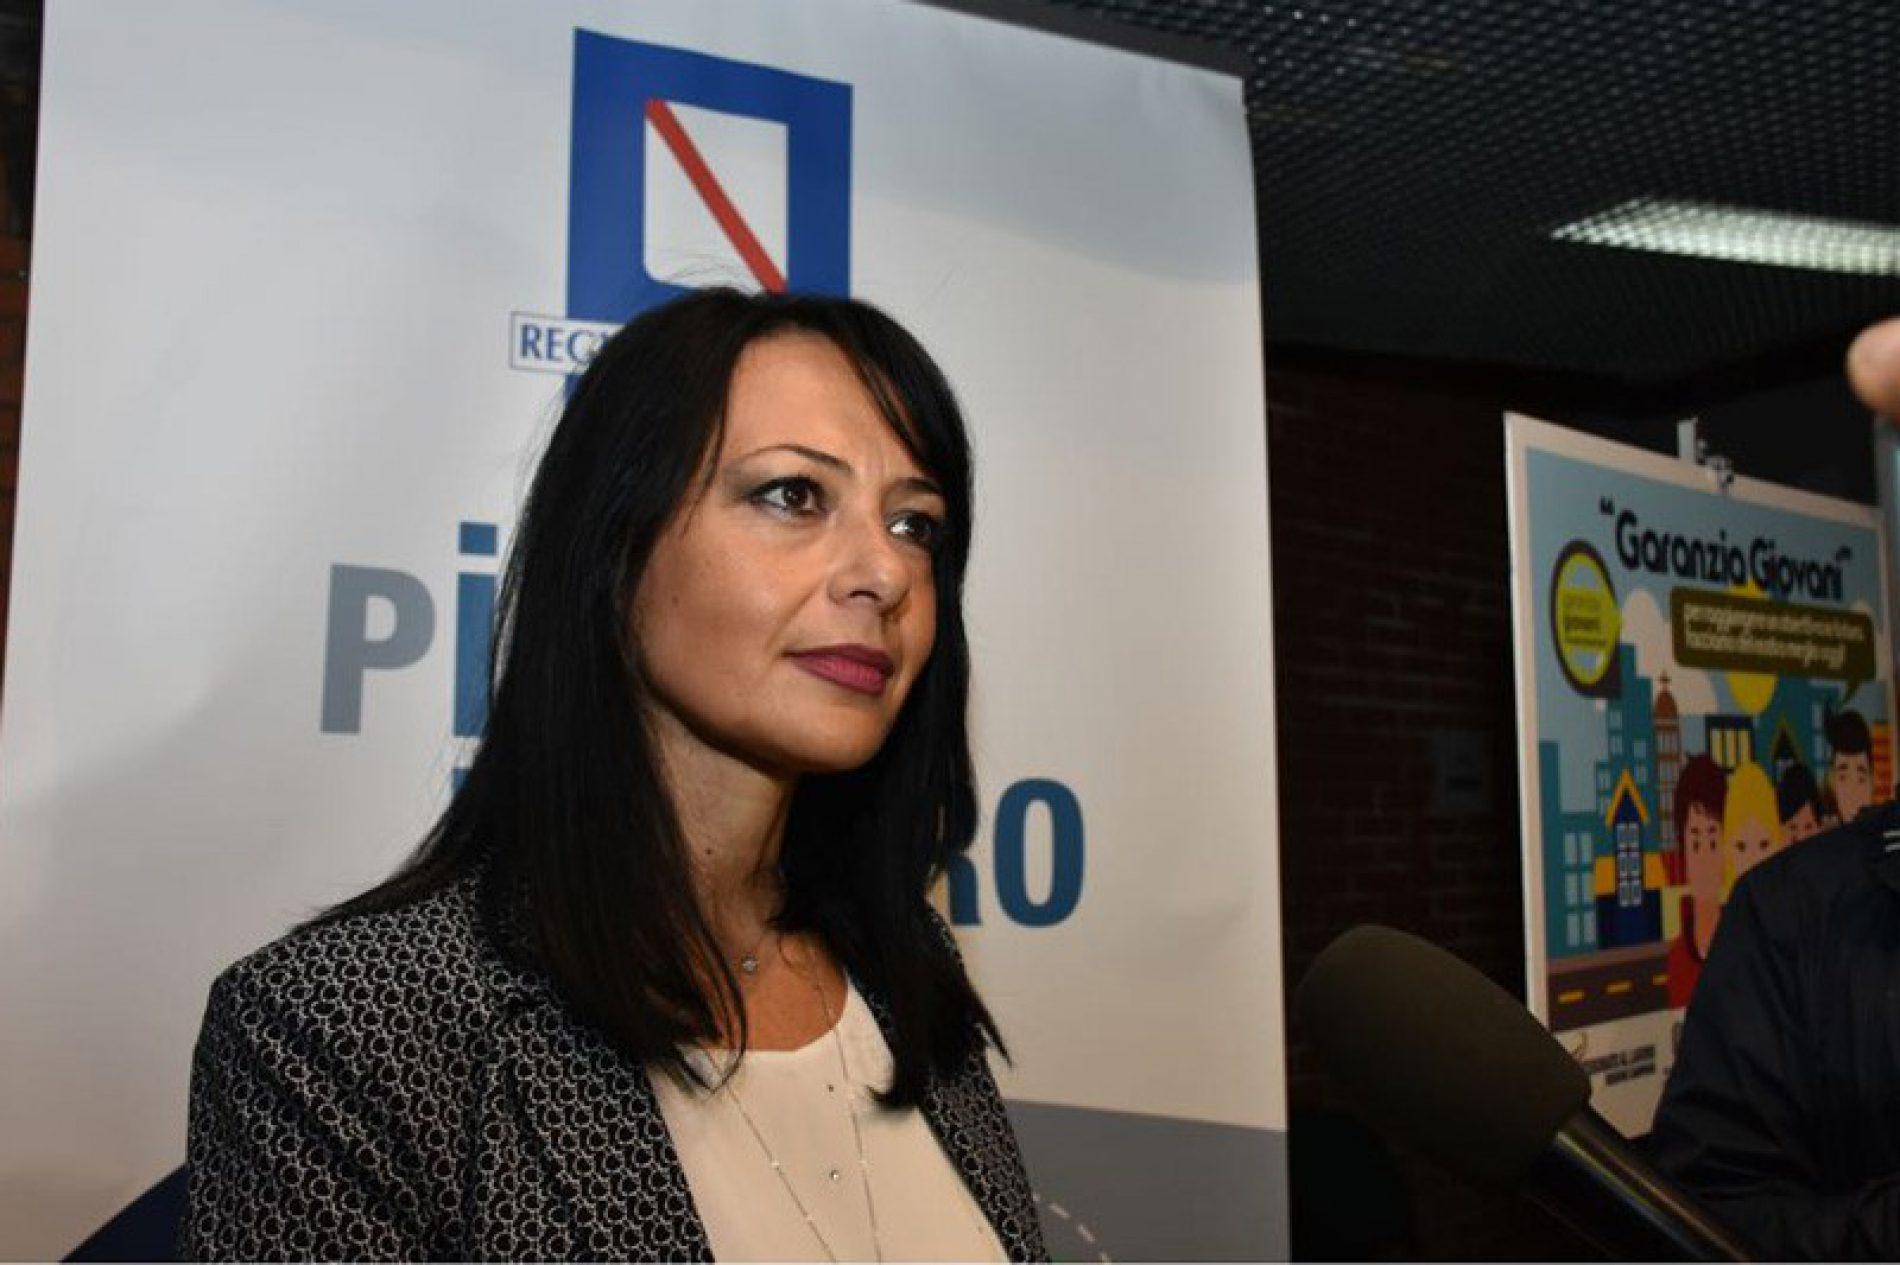 Campania: Garanzia Giovani seconda fase, al via con 222 milioni di euro.